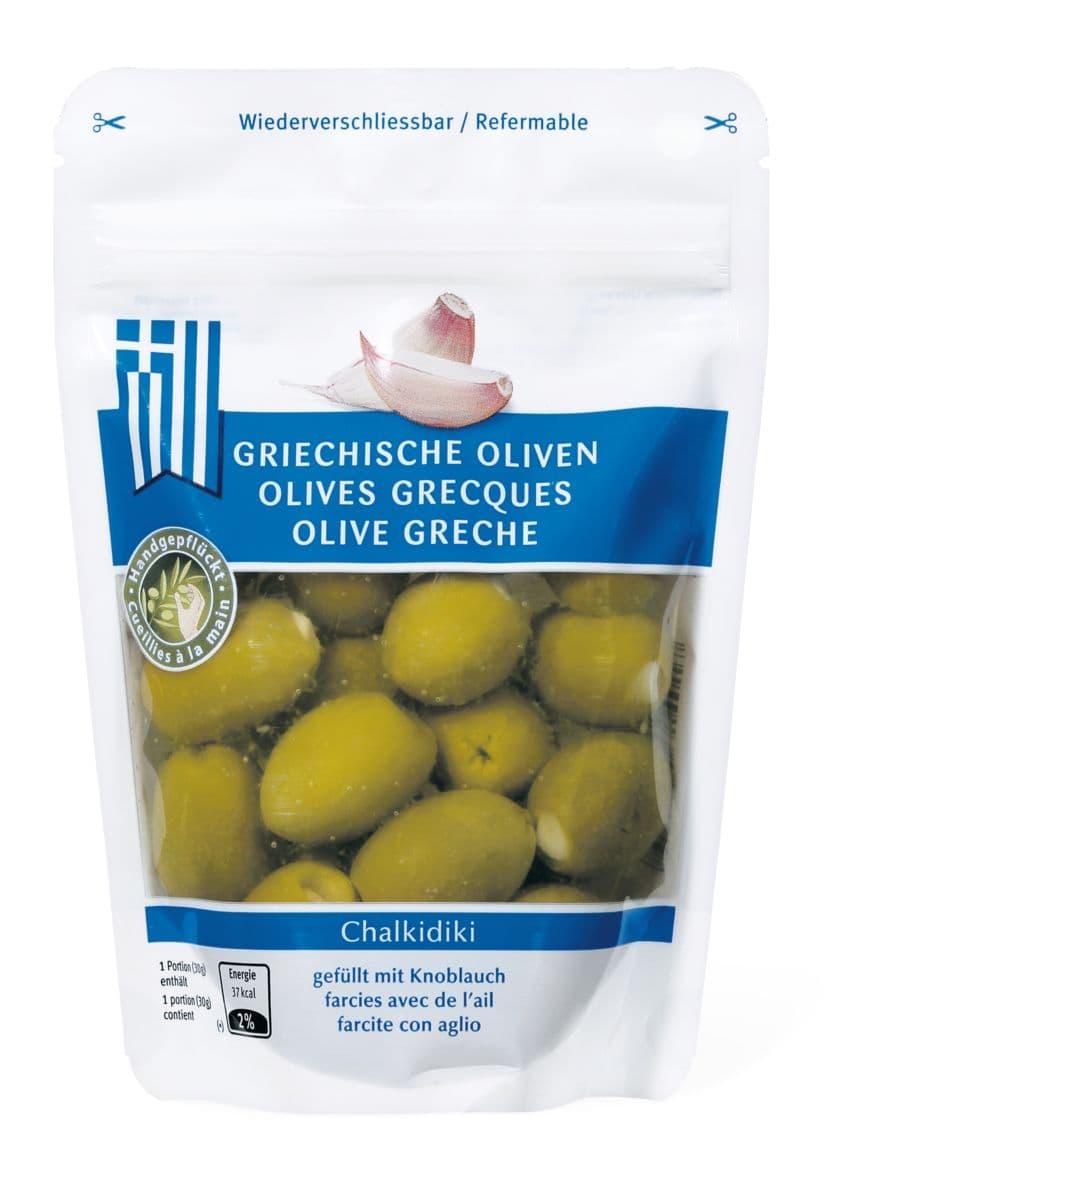 Olive greche farcite all'aglio